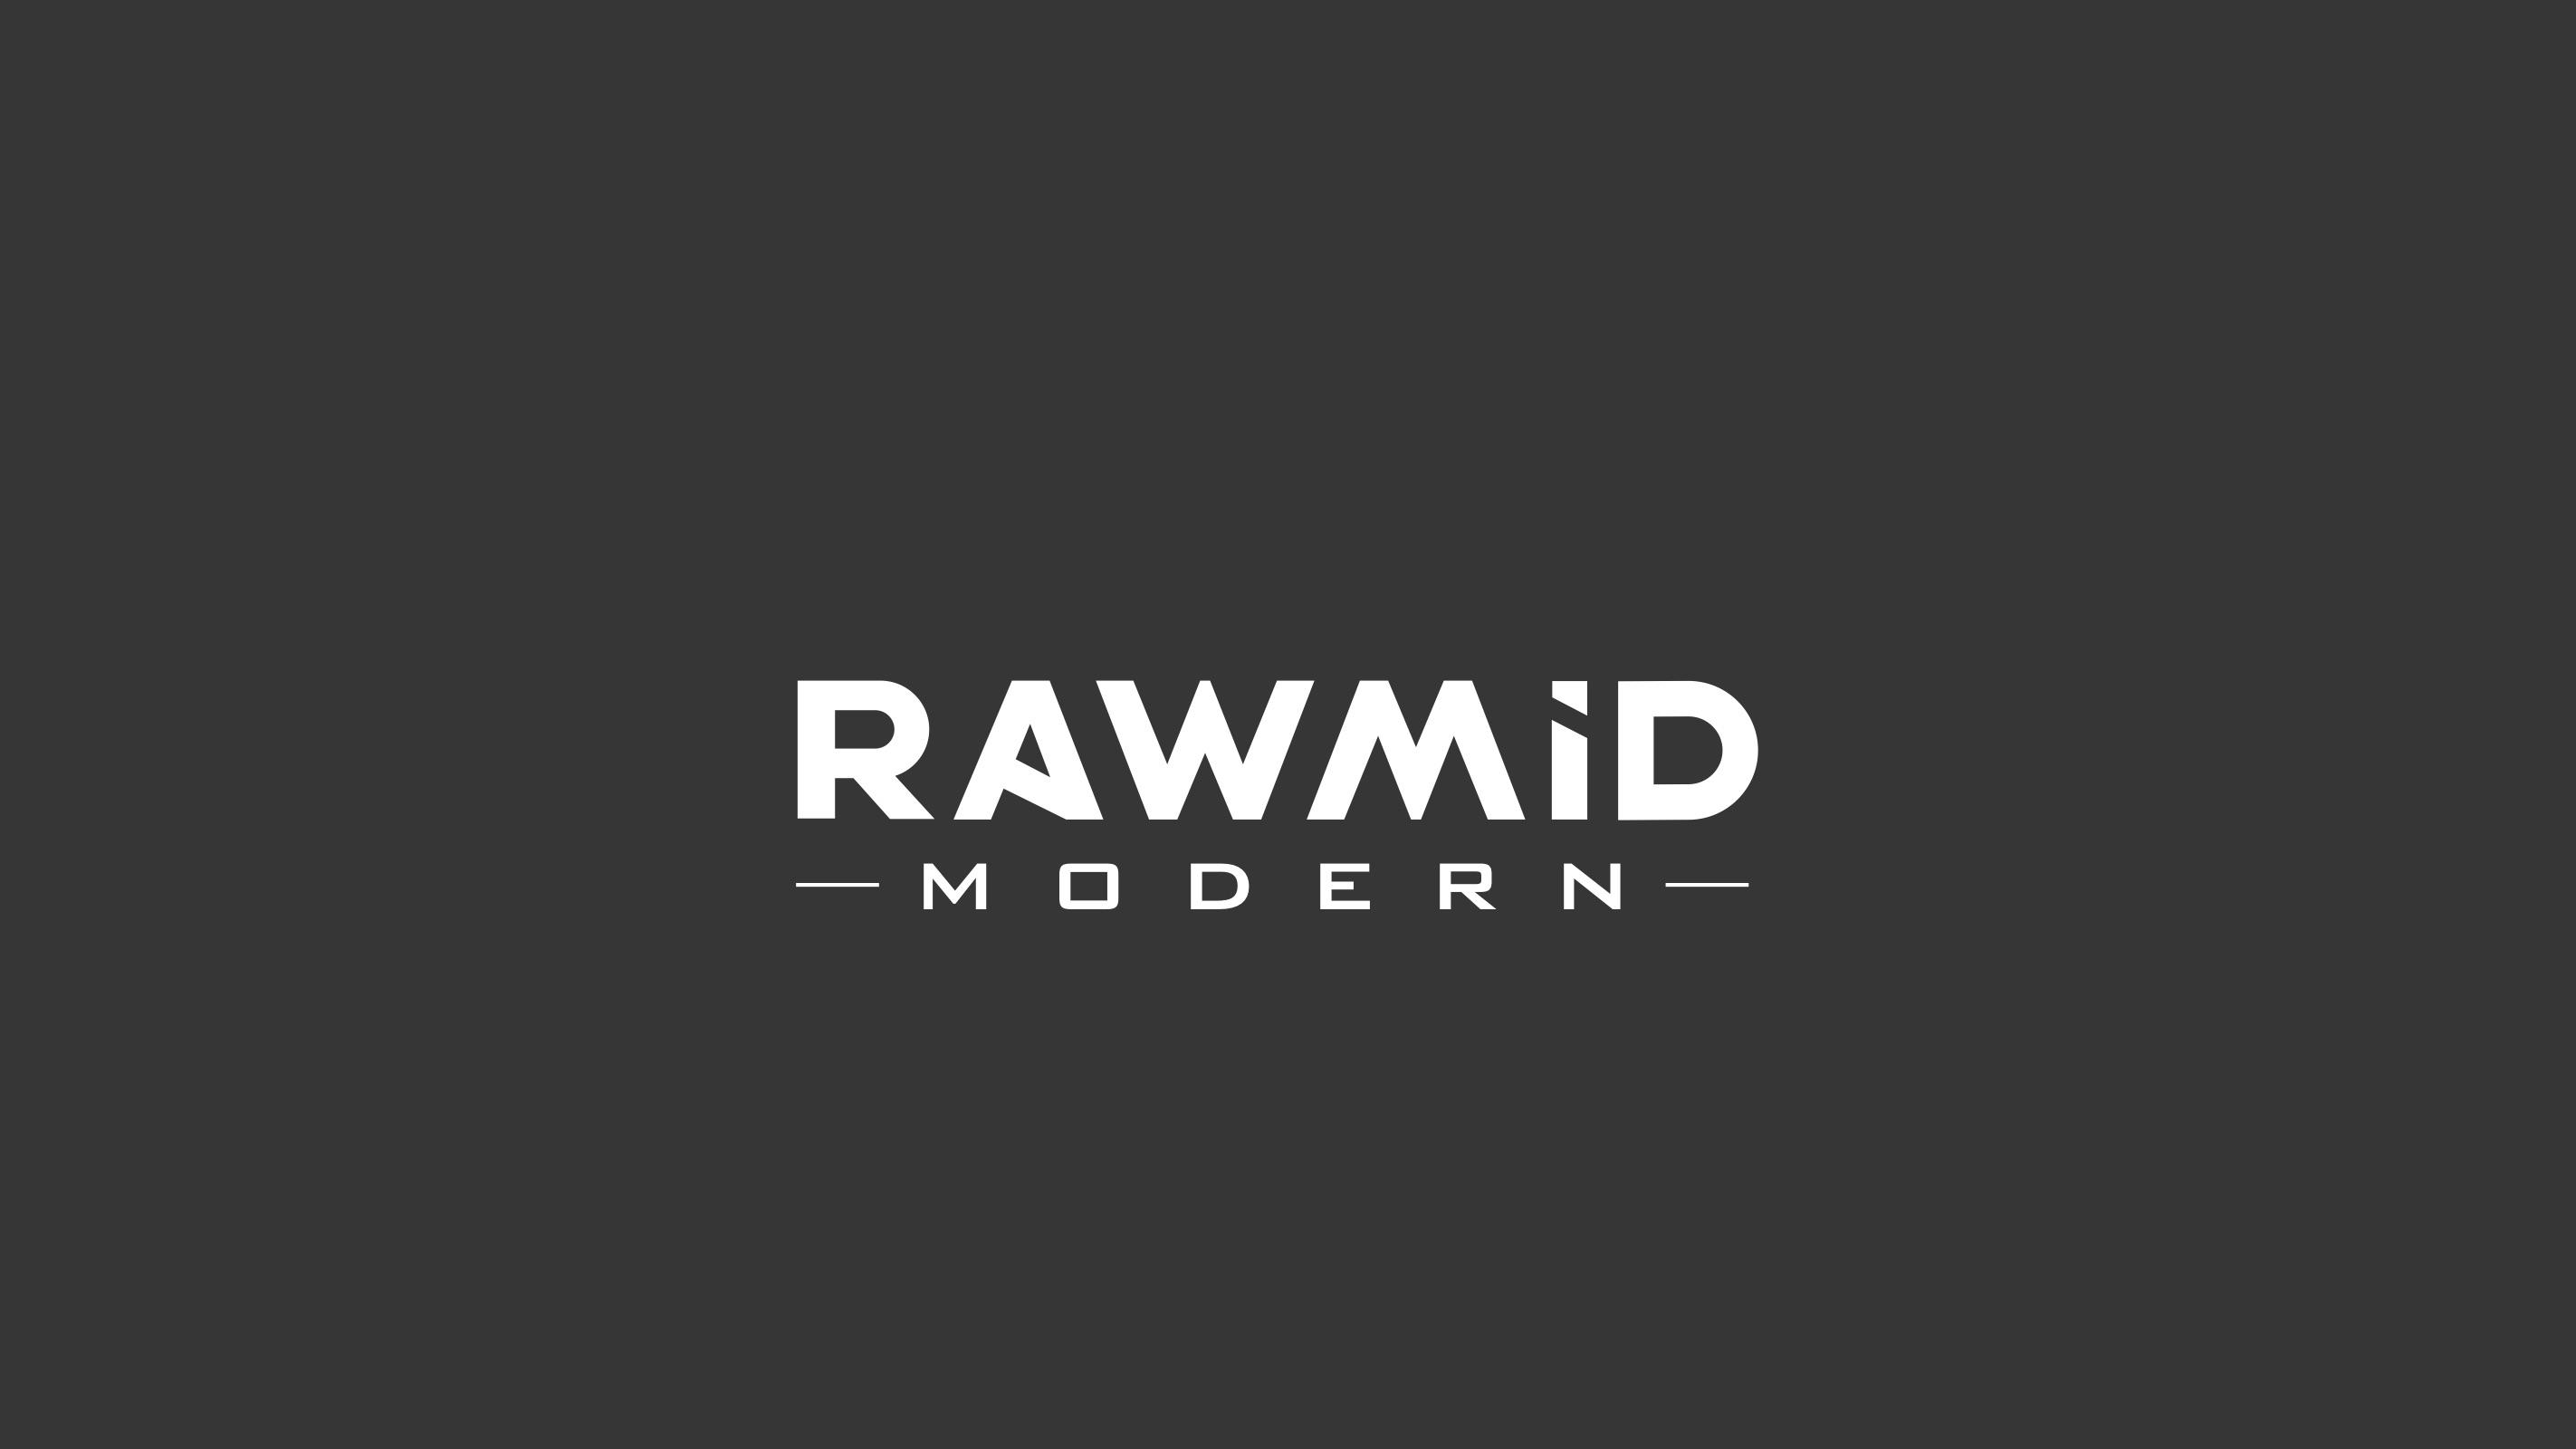 Создать логотип (буквенная часть) для бренда бытовой техники фото f_4735b3b35094882d.jpg